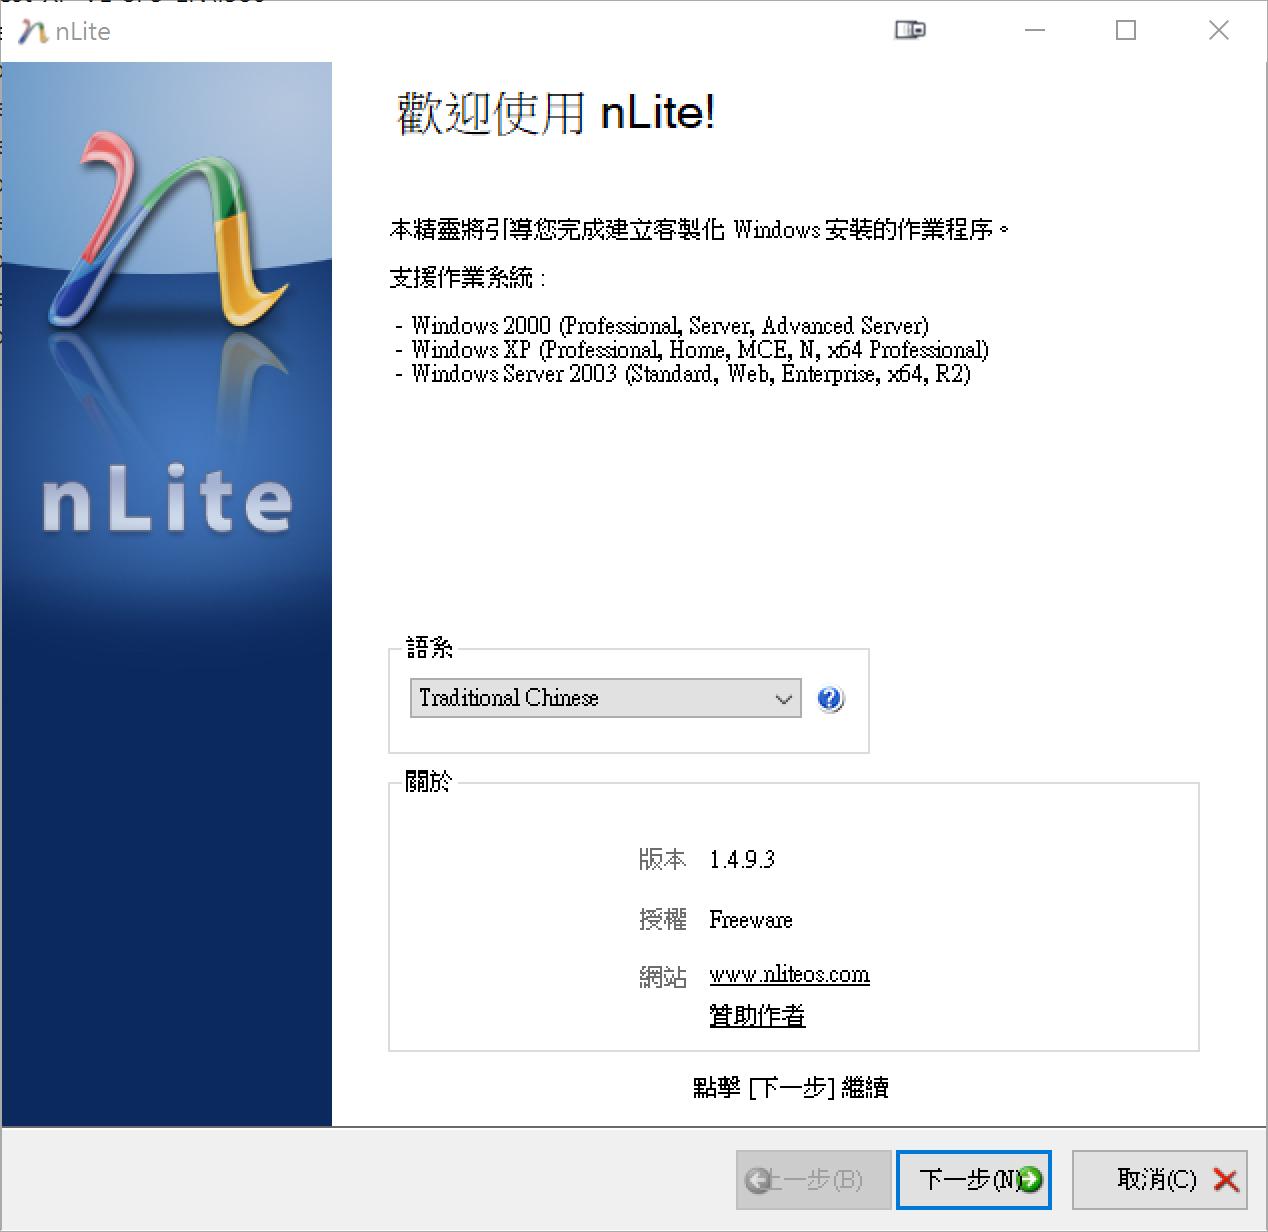 nLite